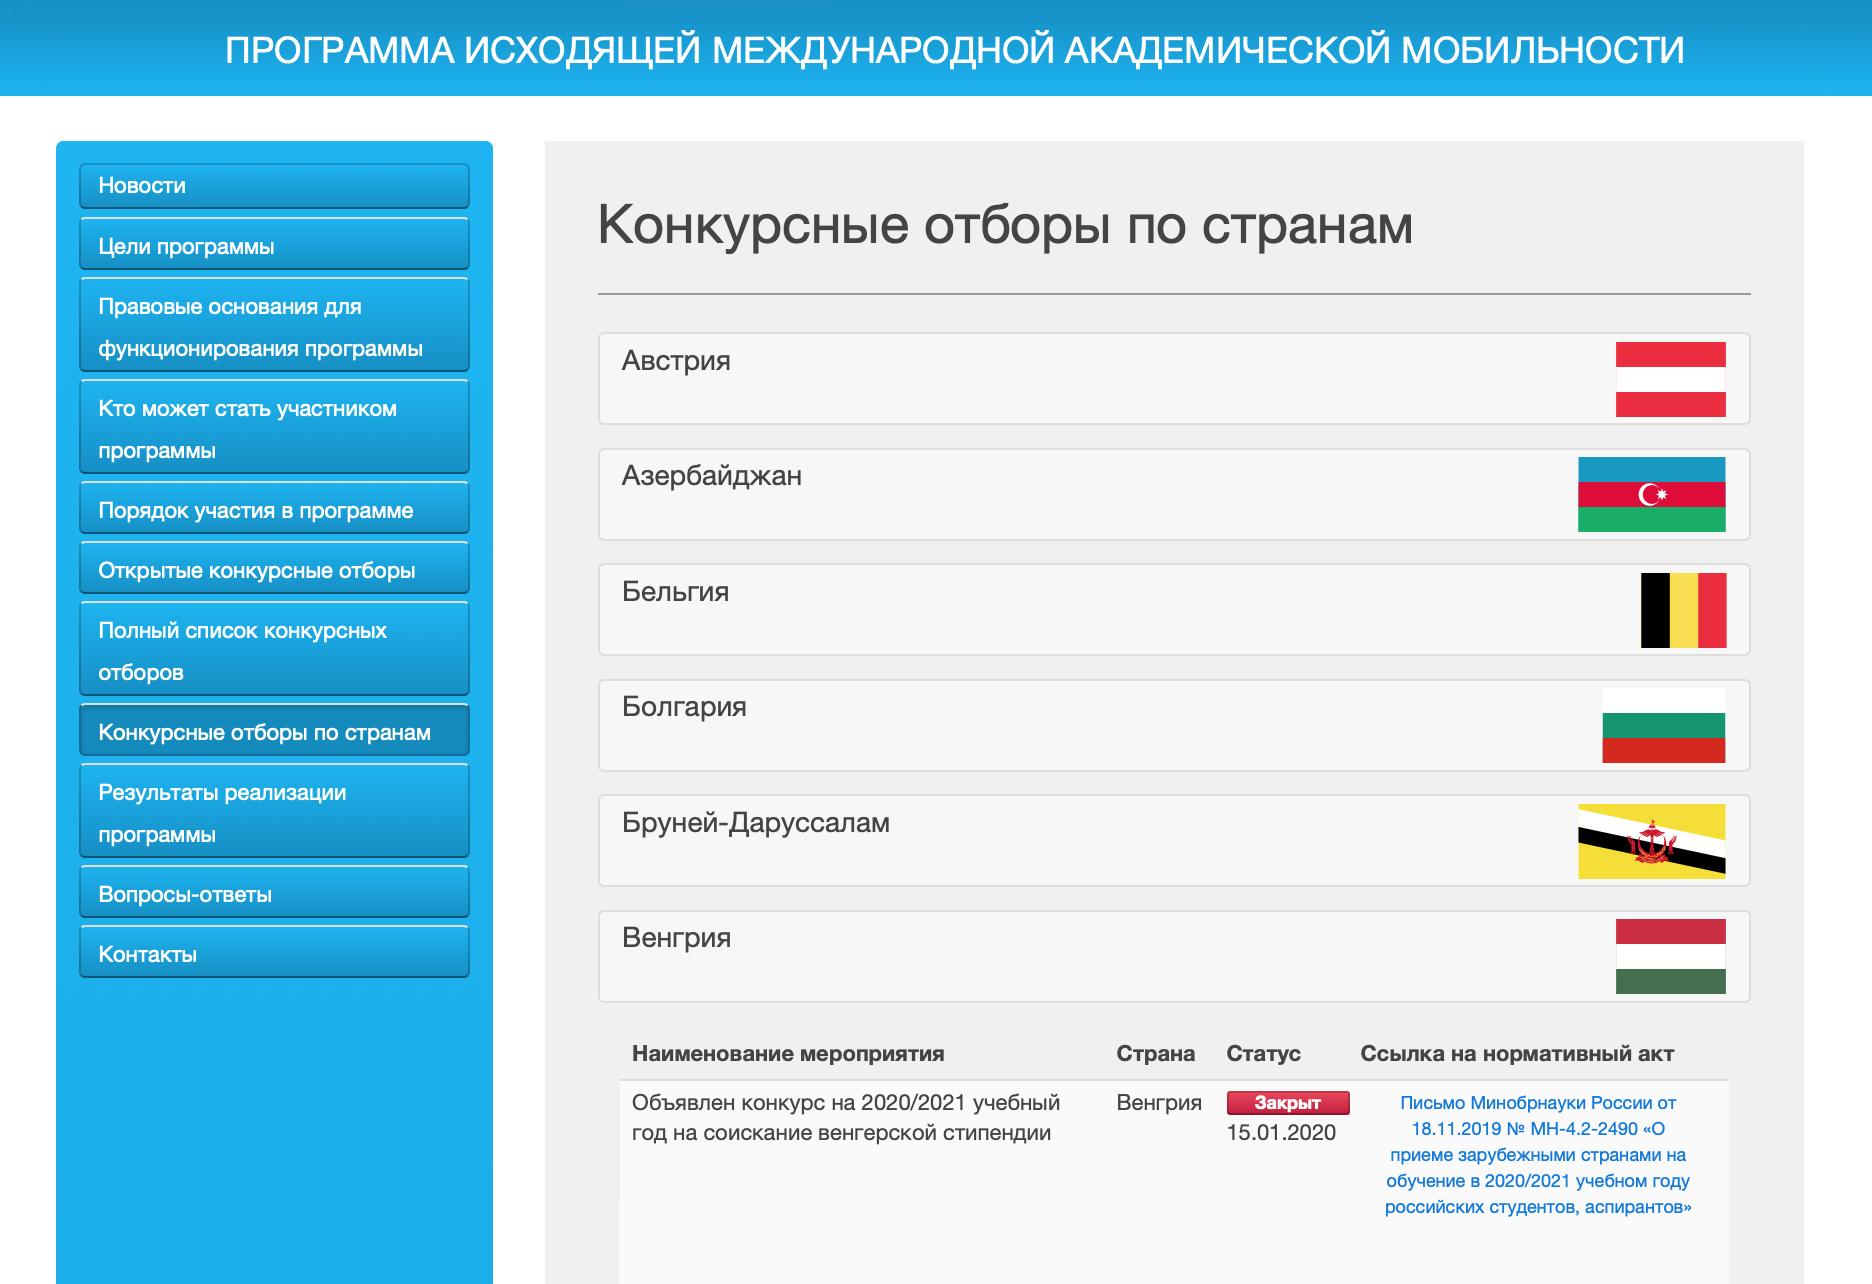 Актуальную информацию о Stipendium Hungaricum можно найти на сайте Минобразования в разделе «Конкурсные отборы по странам». В сентябре 2020 года конкурс на 2020—2021 уже закрыт, а про новый информации еще нет